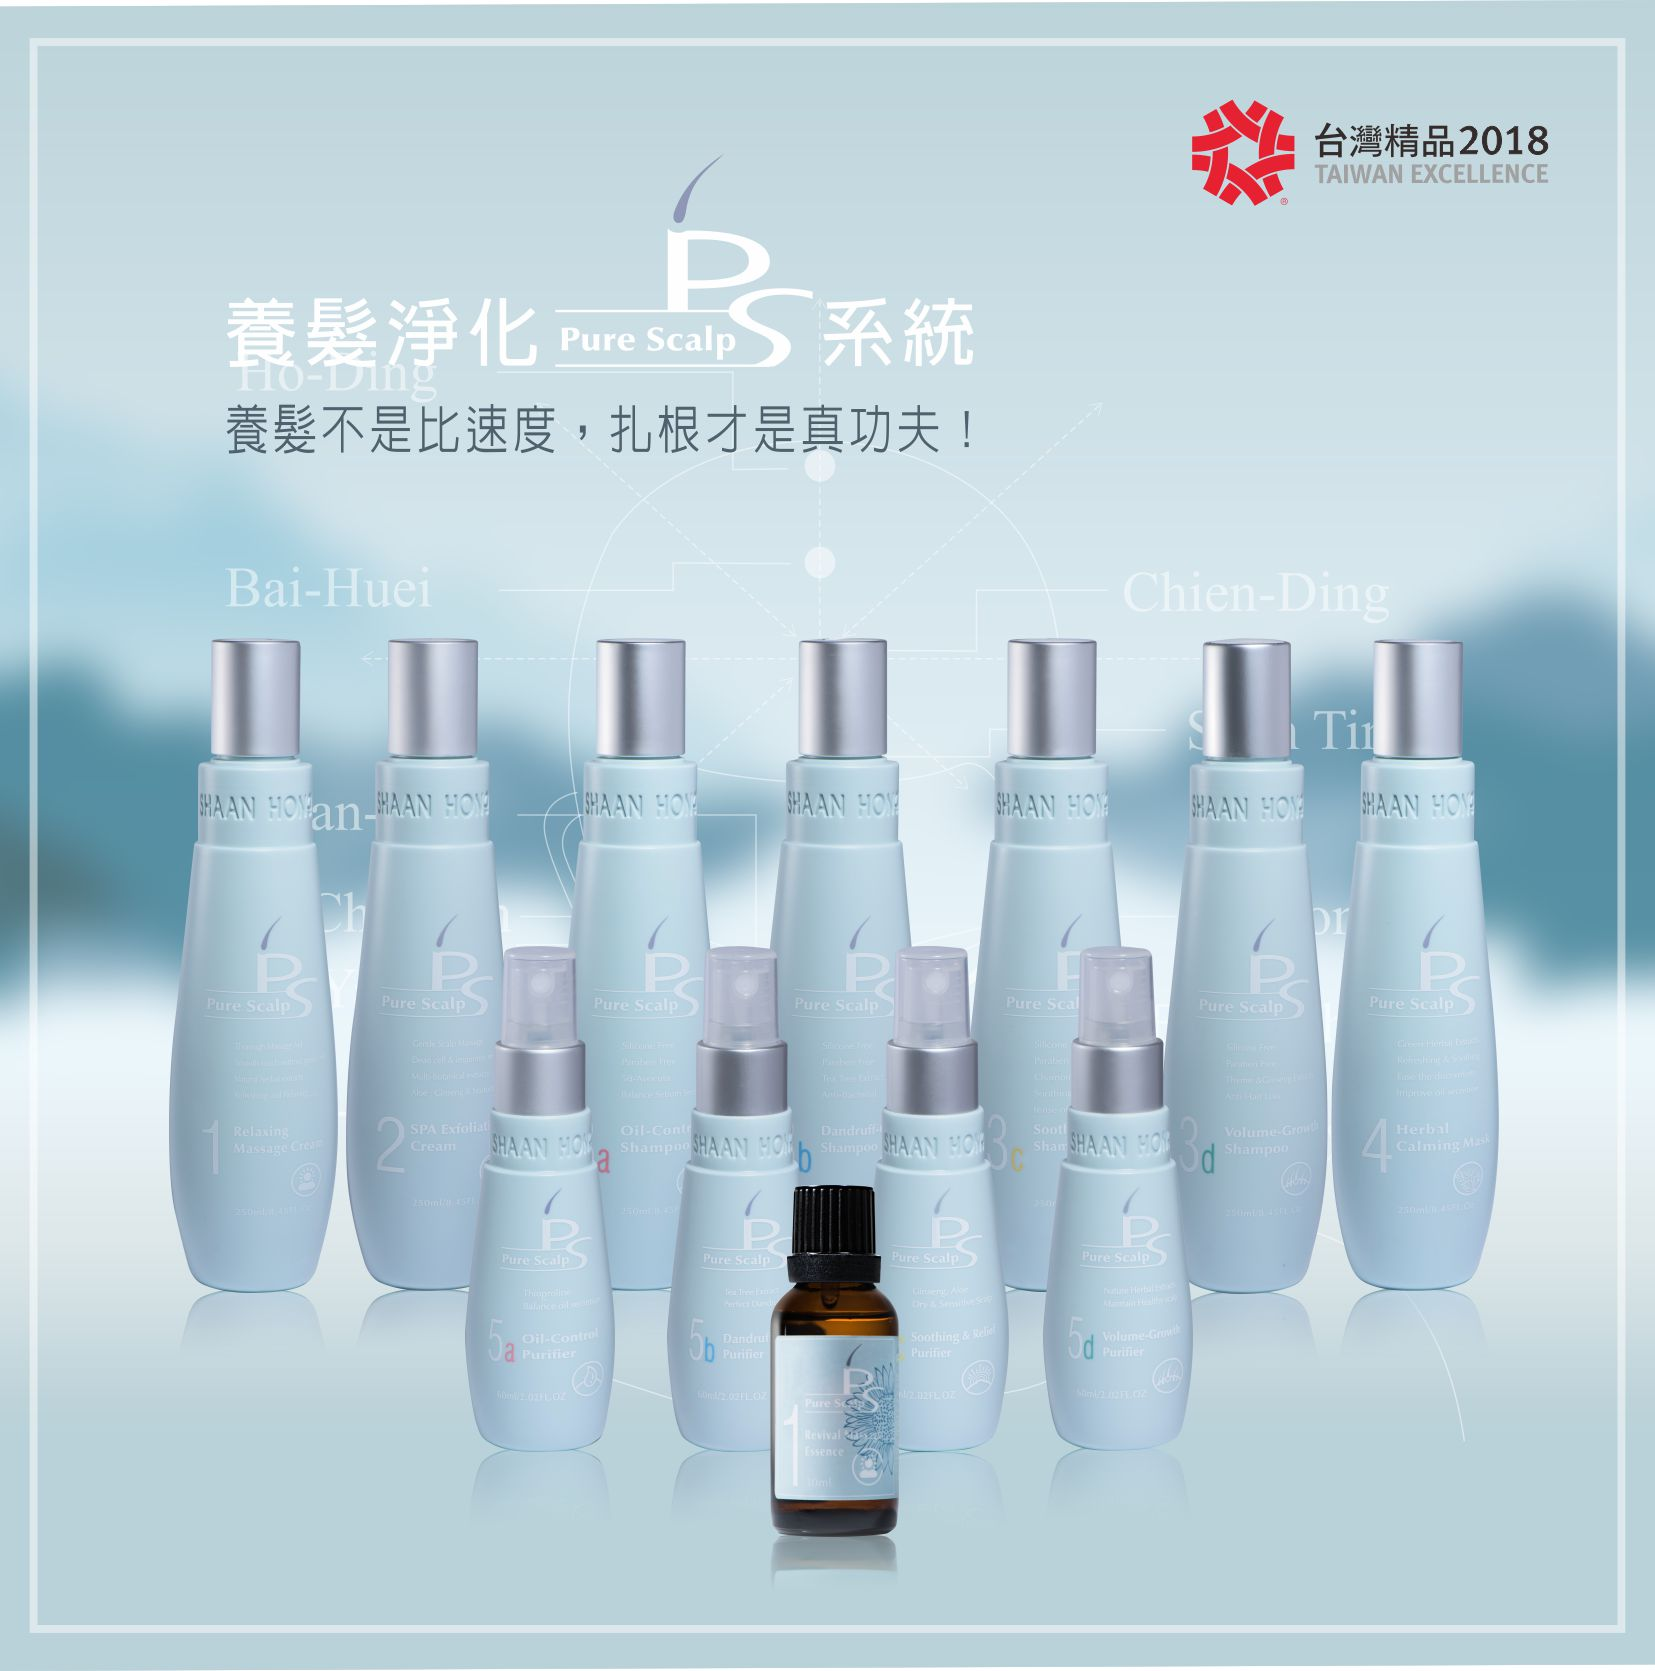 2018台灣精品PS2養髮淨化系統